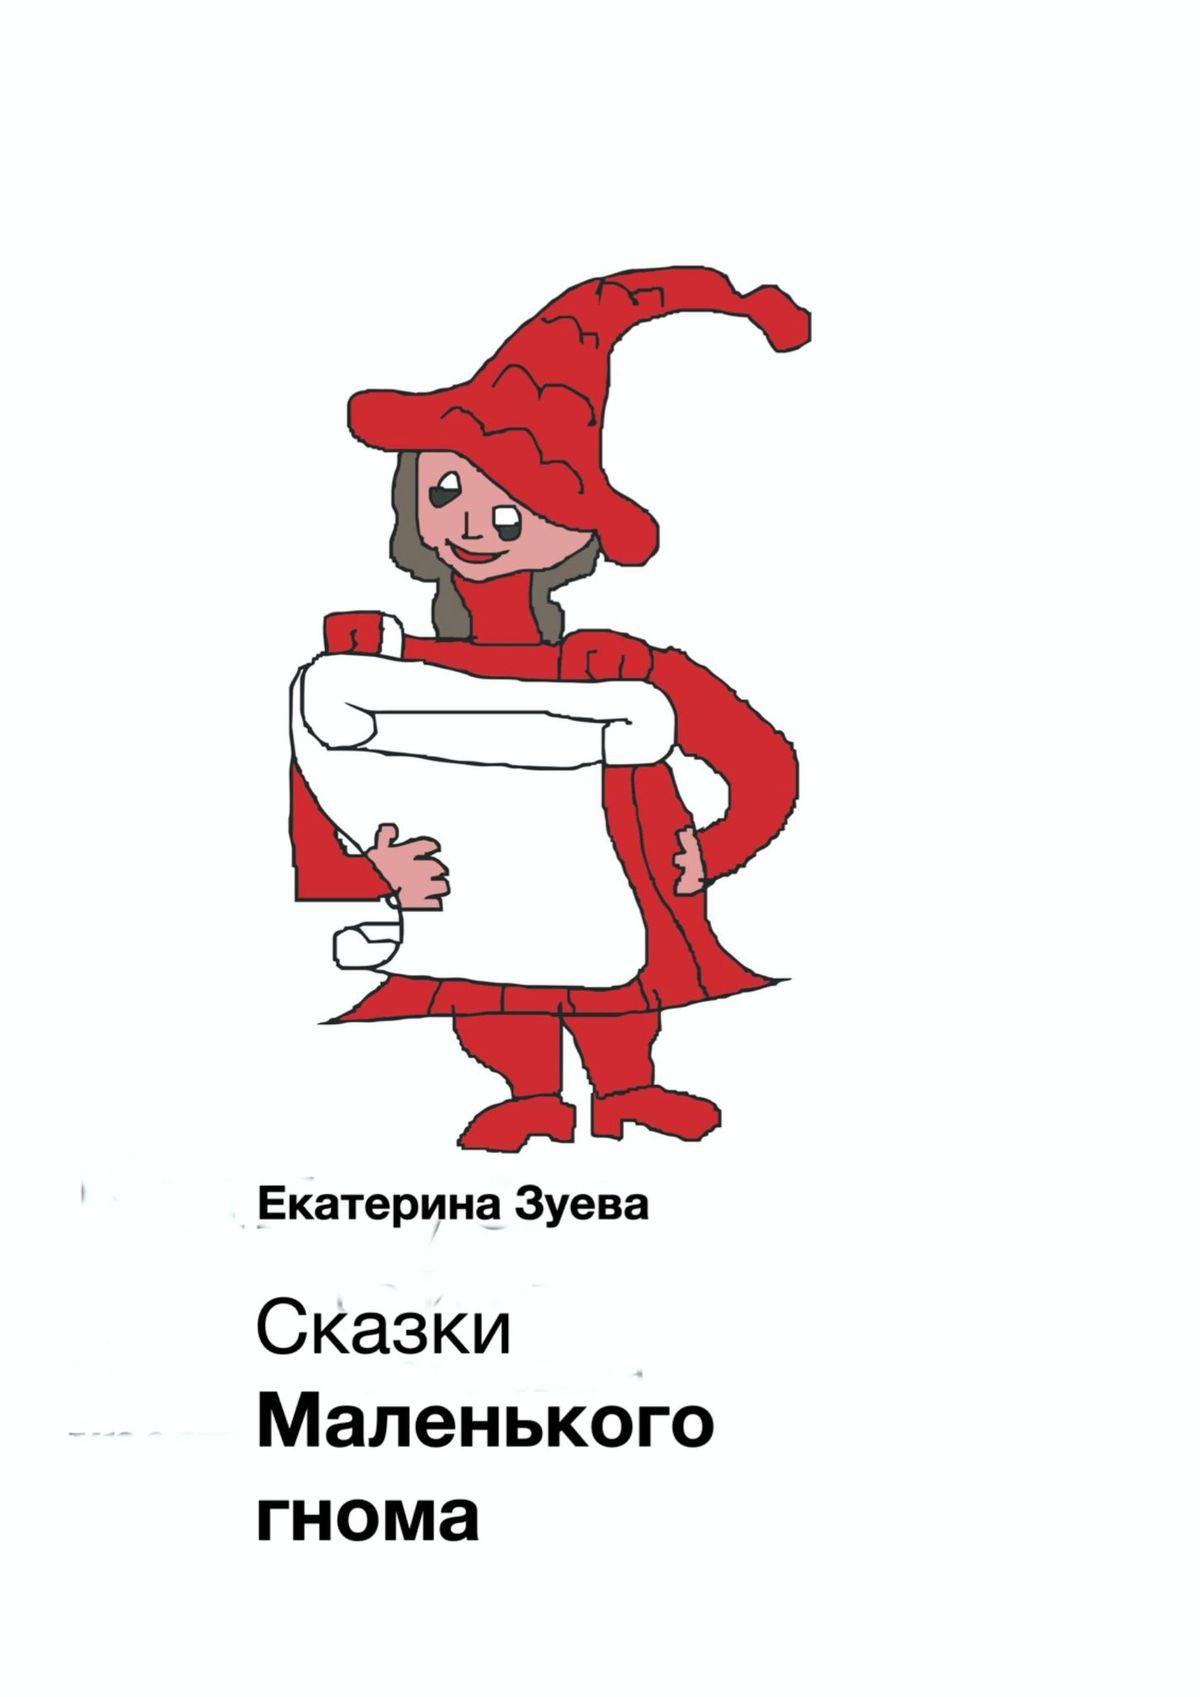 Екатерина Зуева Сказки Маленького гнома. Приключения